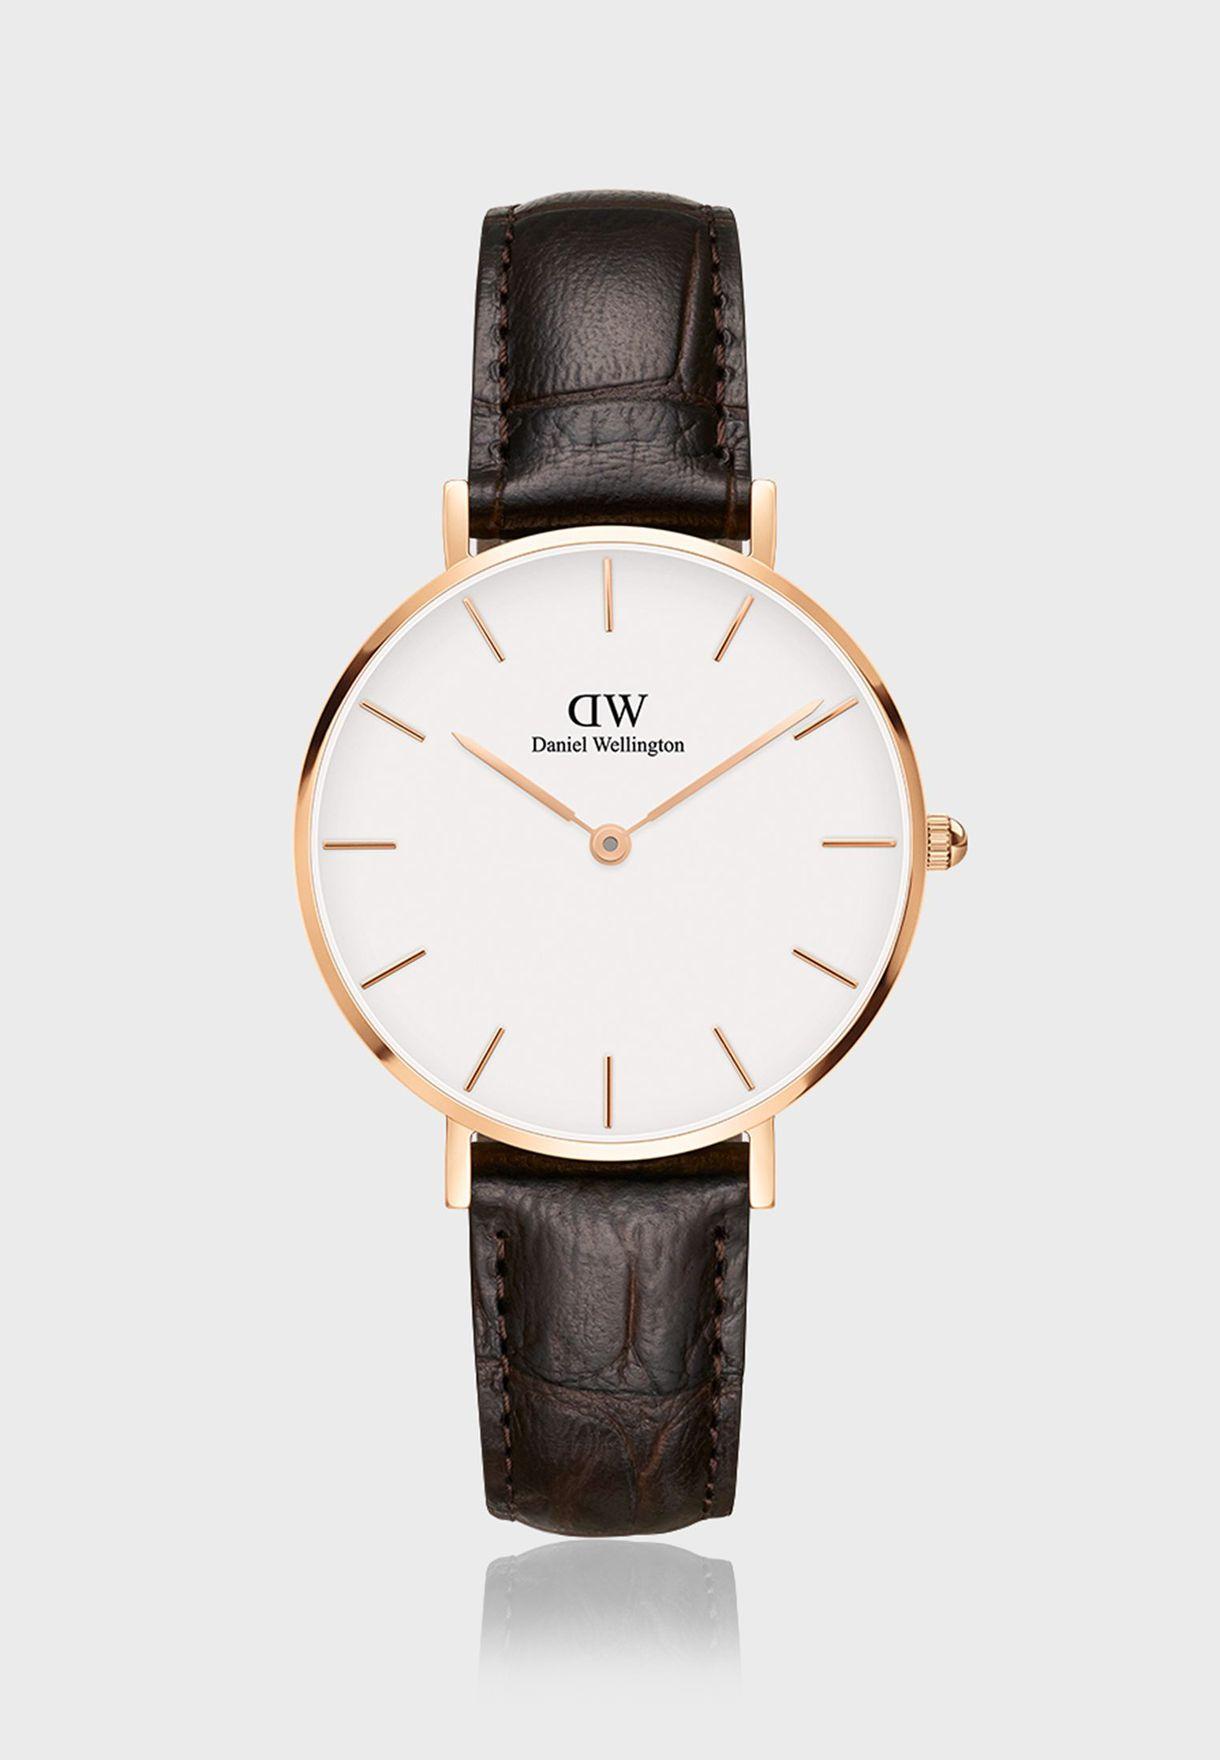 ساعة بيتيت يورك ار جي بيضاء 32 ملم